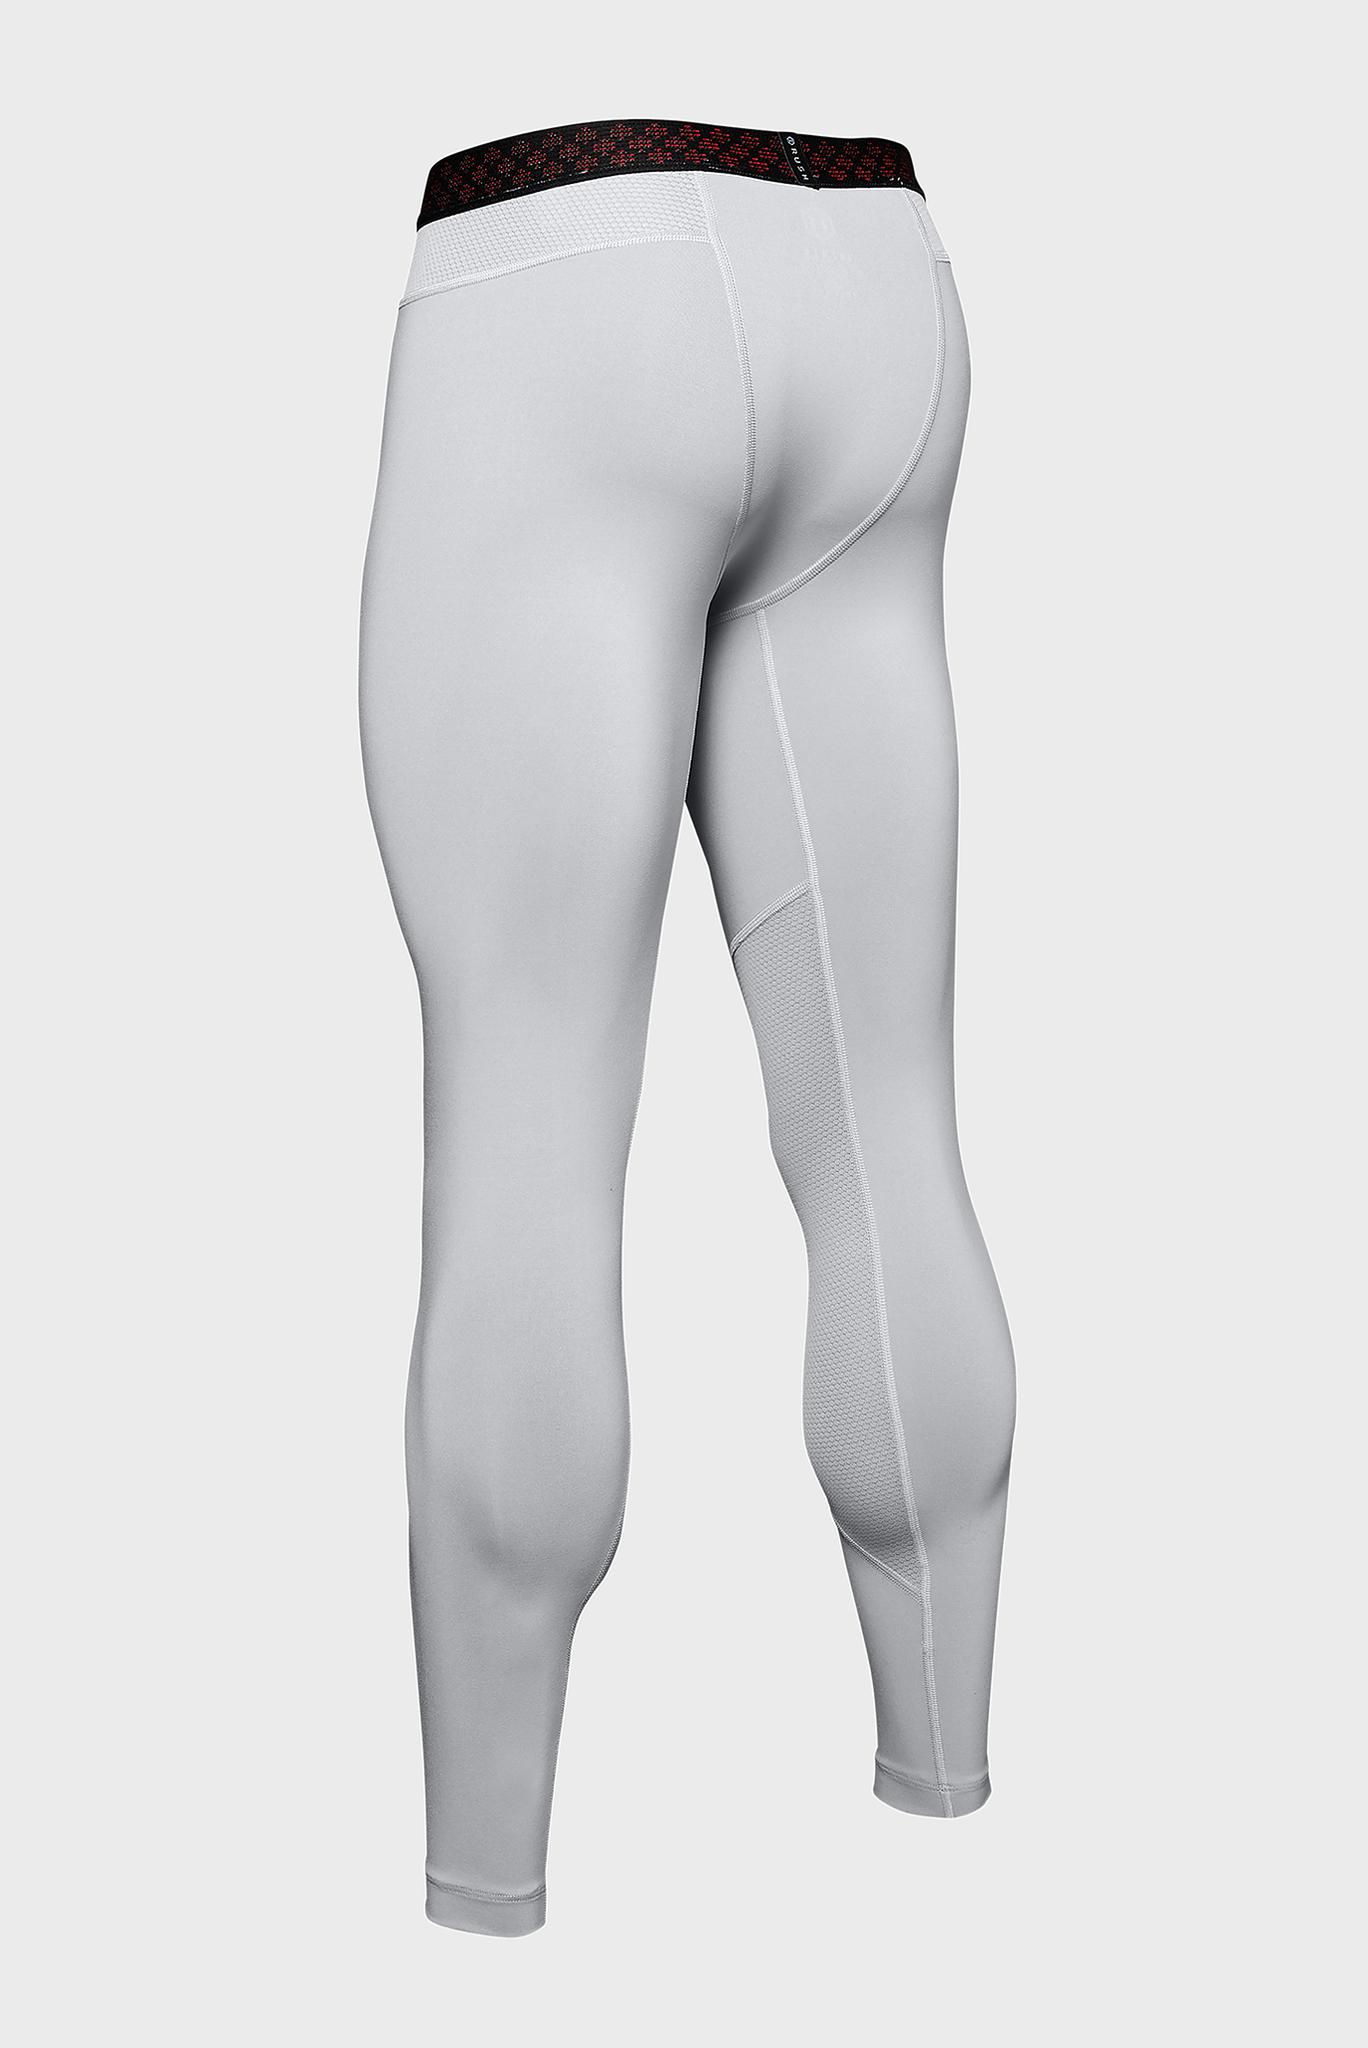 Мужские светло-серые тайтсы UA Rush Legging Under Armour